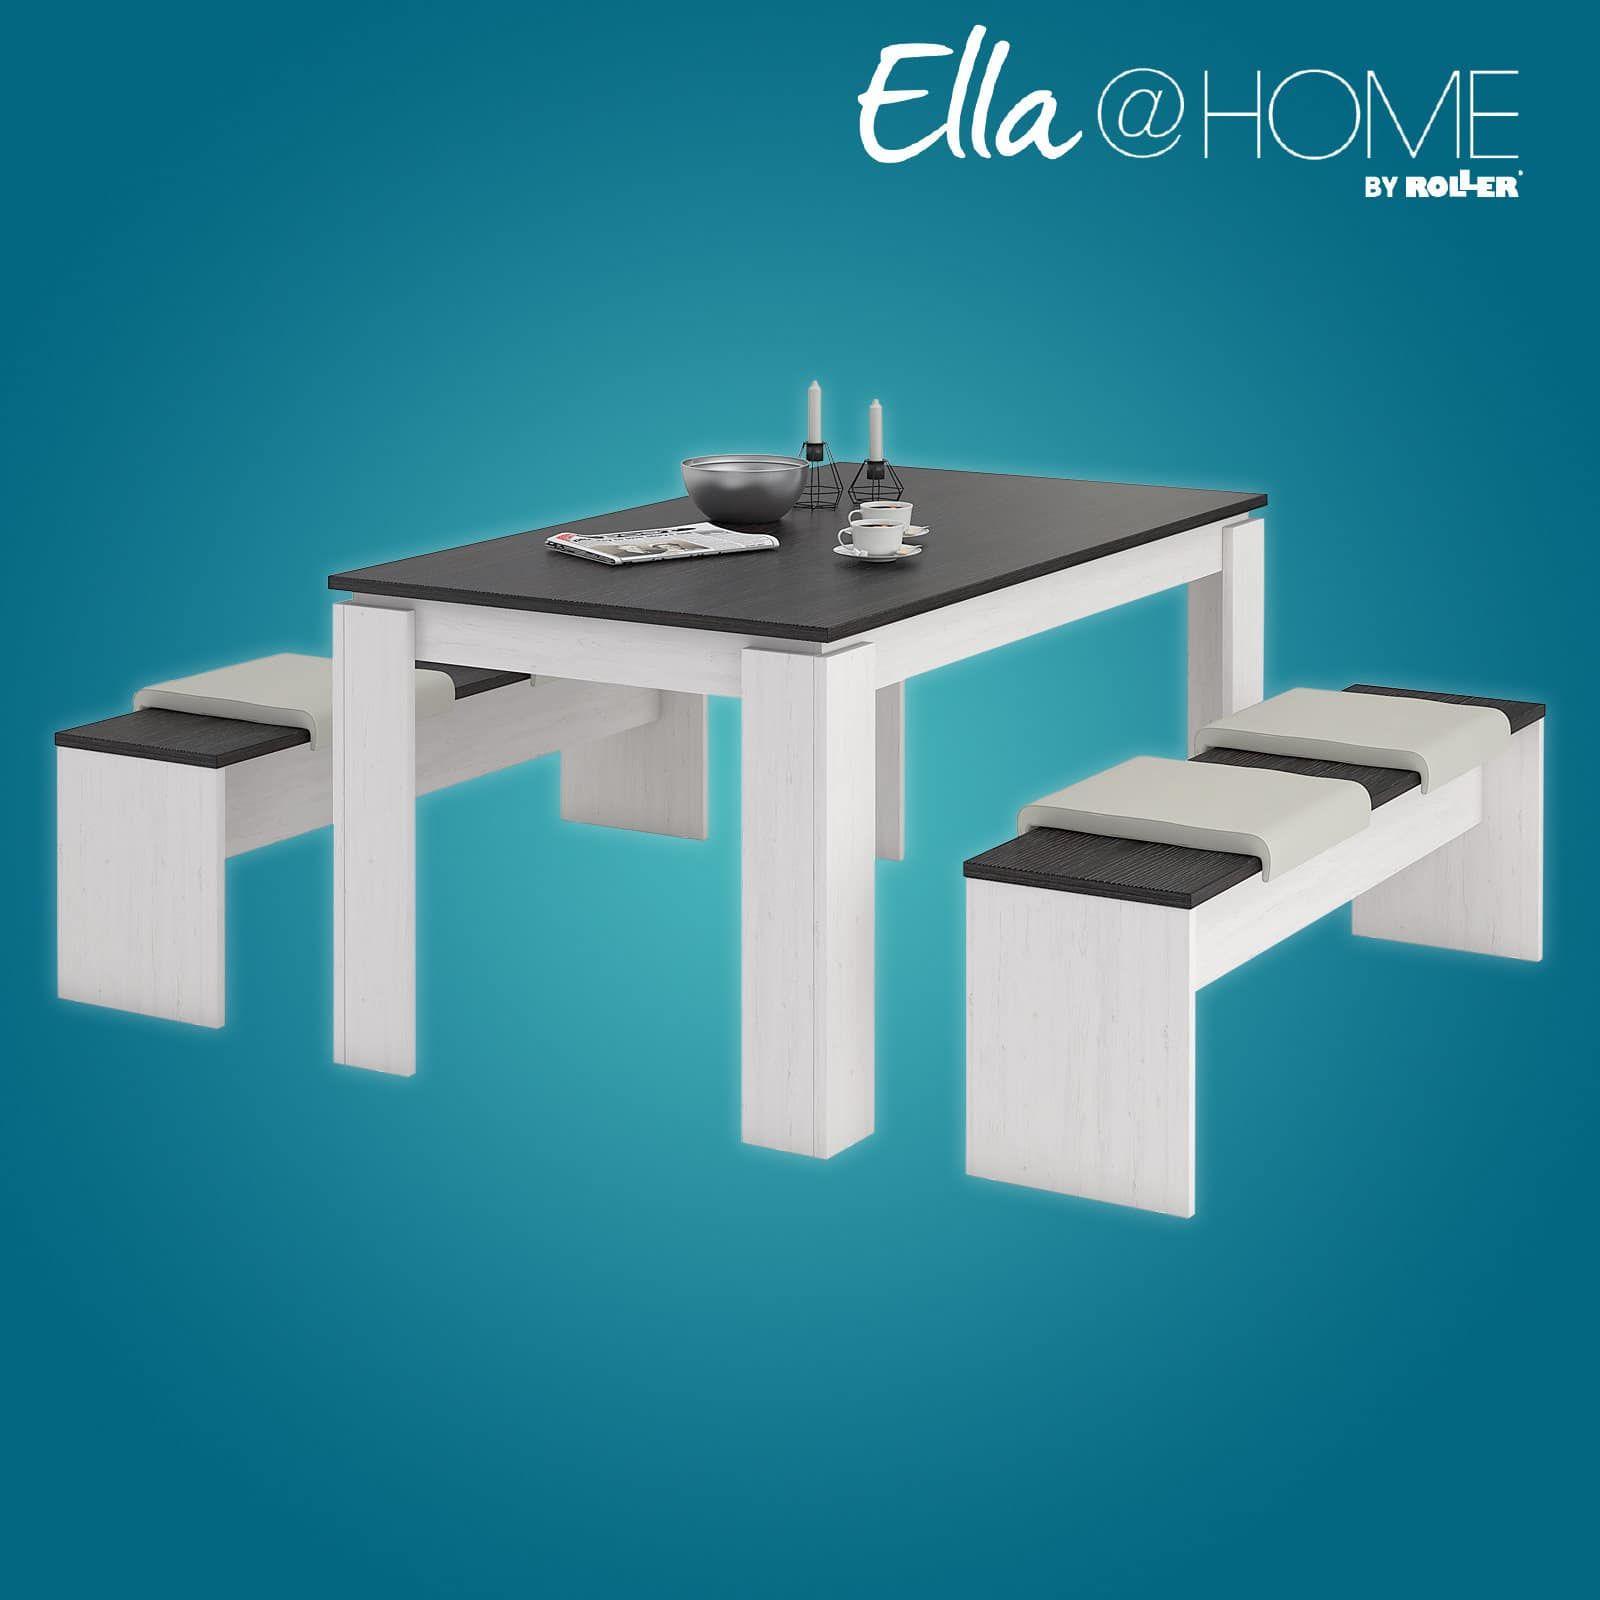 Tischgruppe MONTREAL   Pinie Weiß Wenge   3 Teilig 1 Tisch U0026 2